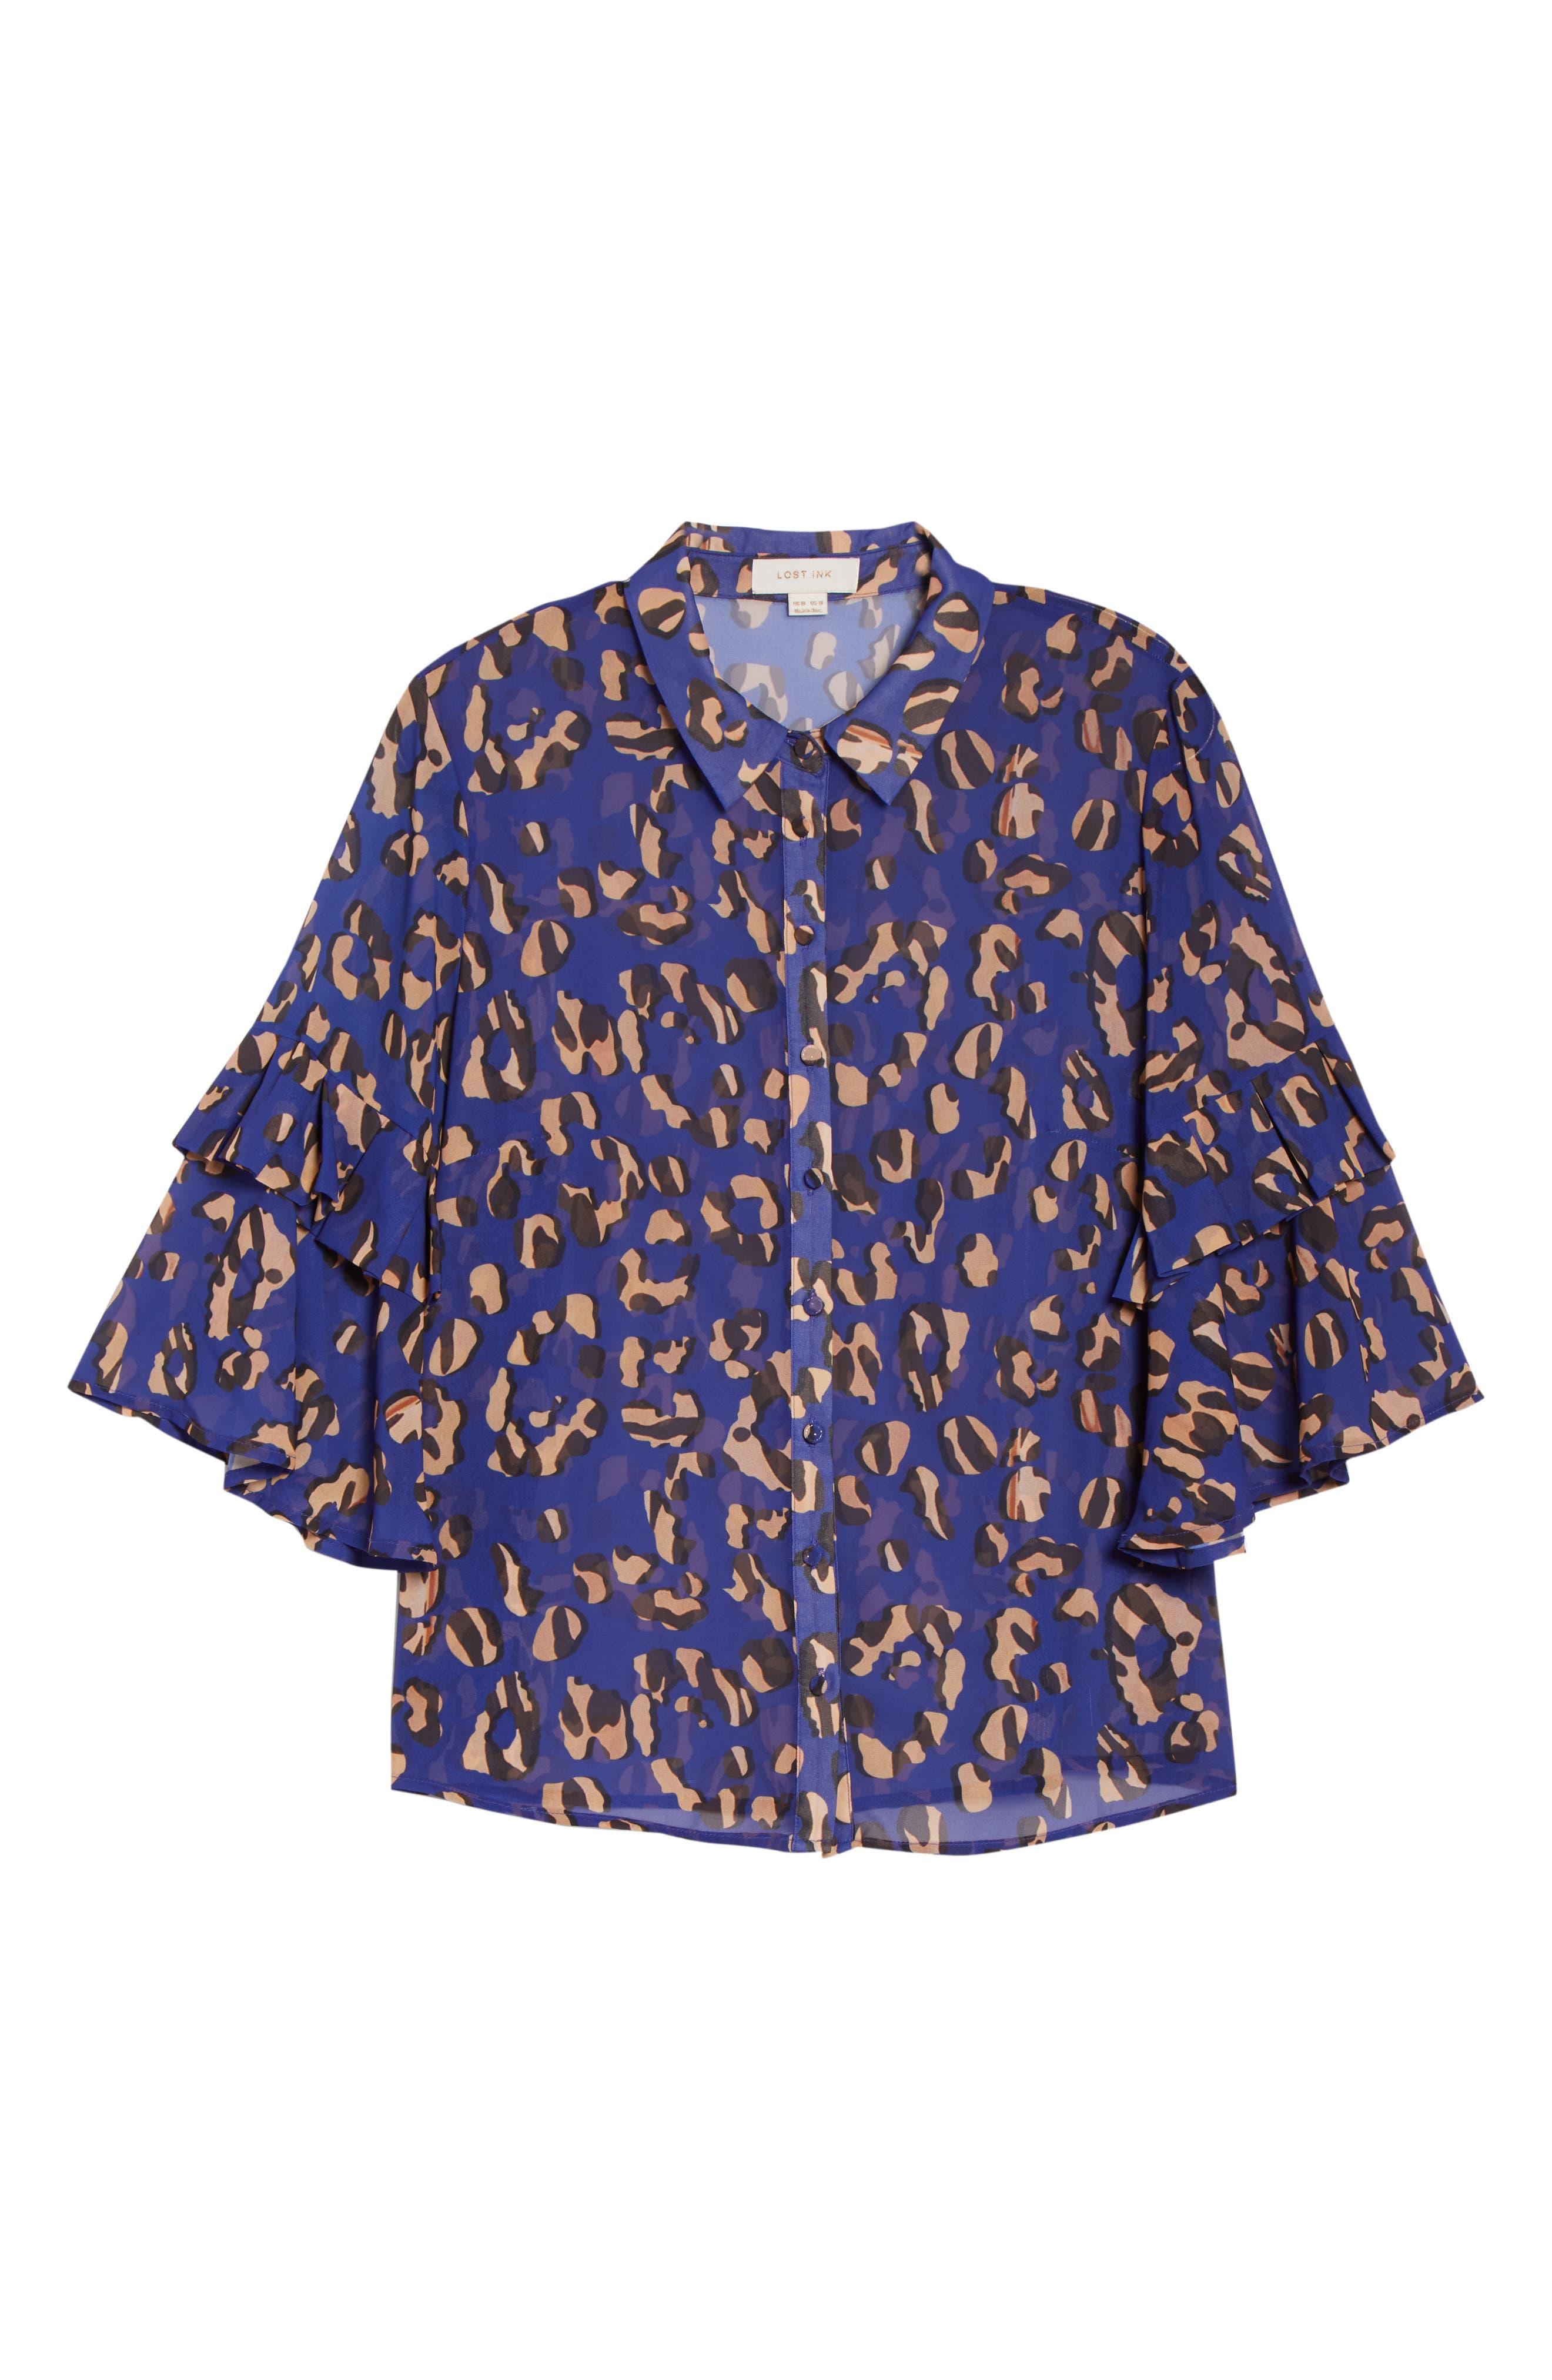 Leopard Print Button Down Shirt,                             Alternate thumbnail 6, color,                             001